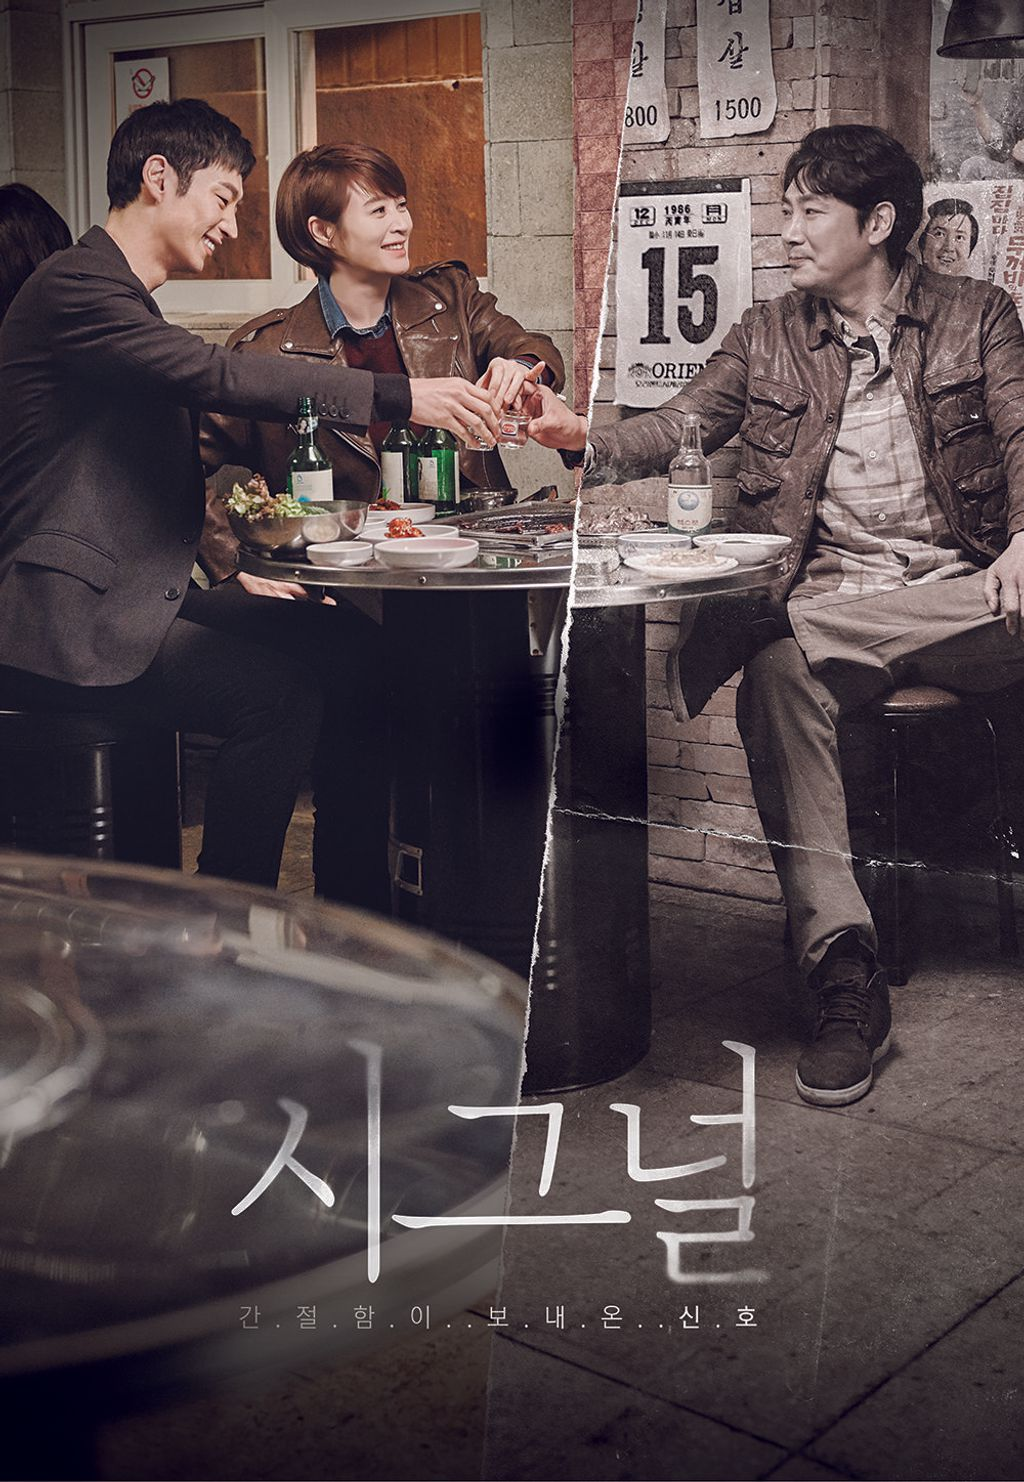 信號 Signal第1集|免費線上看|韓劇|LINE TV-精彩隨看